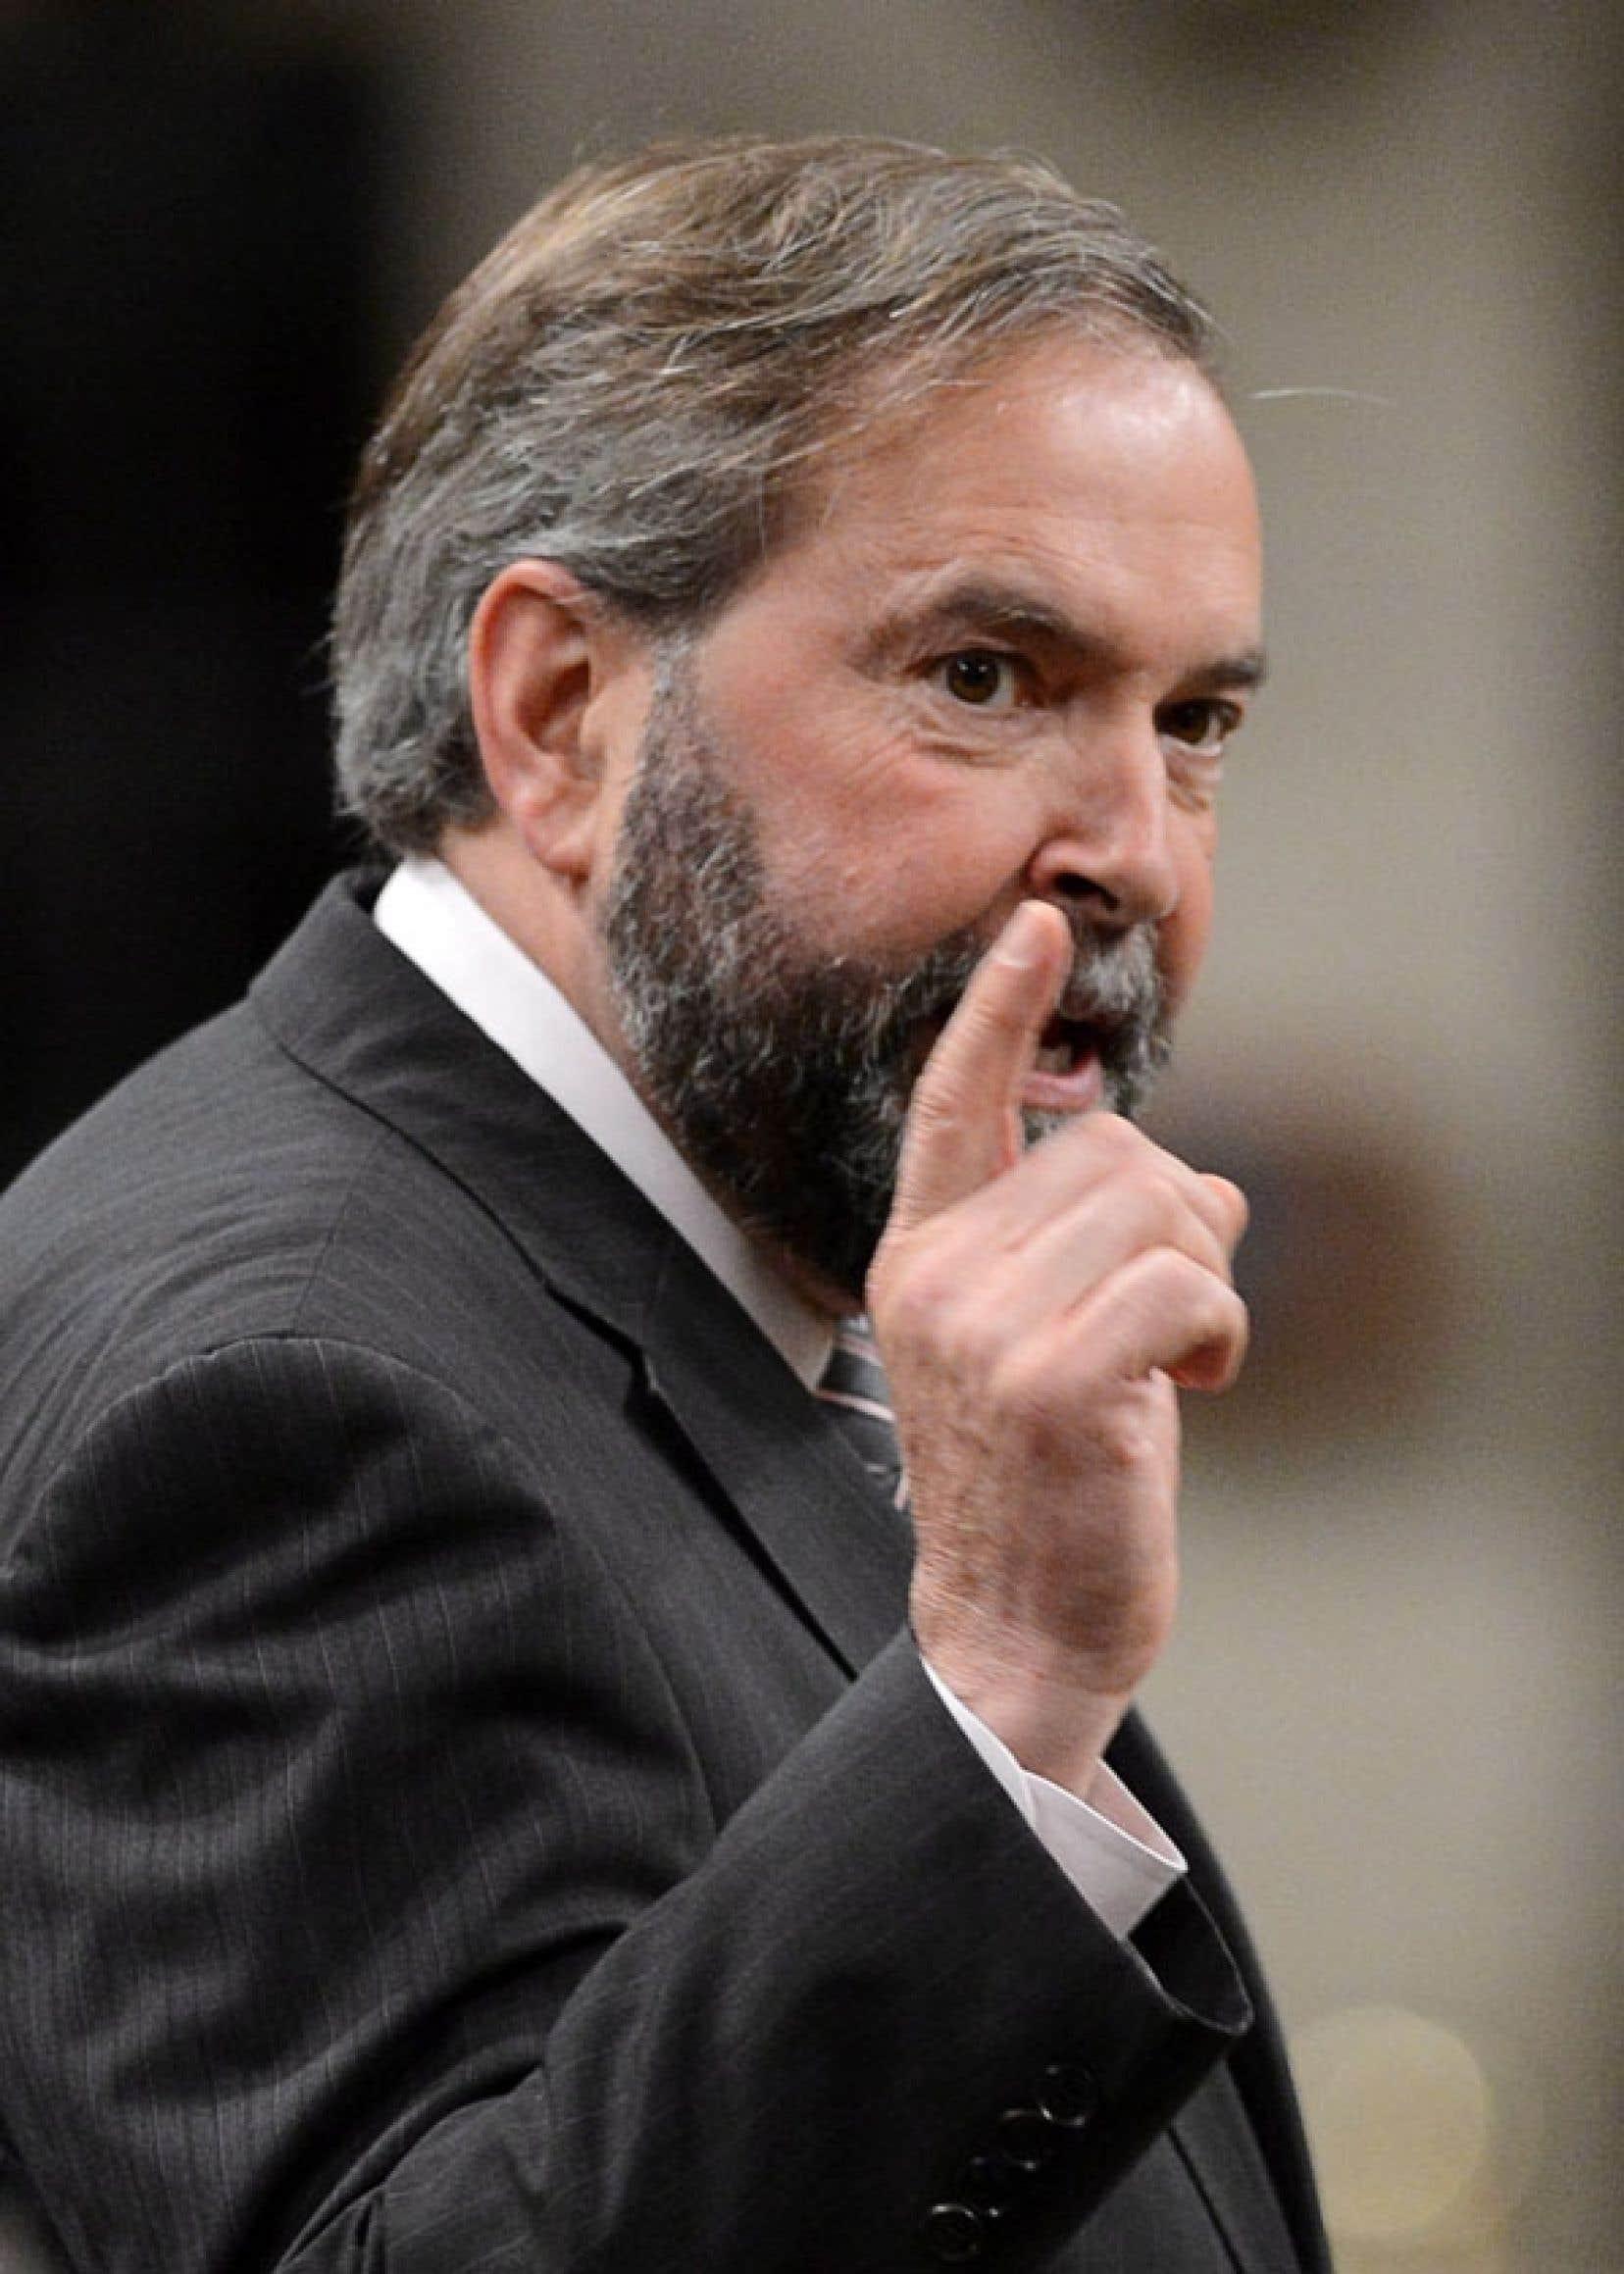 Thomas Mulcair avait proposé que le Bureau du directeur parlementaire du budget ne relève plus de la Bibliothèque, mais du Parlement lui-même. Les conservateurs s'y sont opposés.